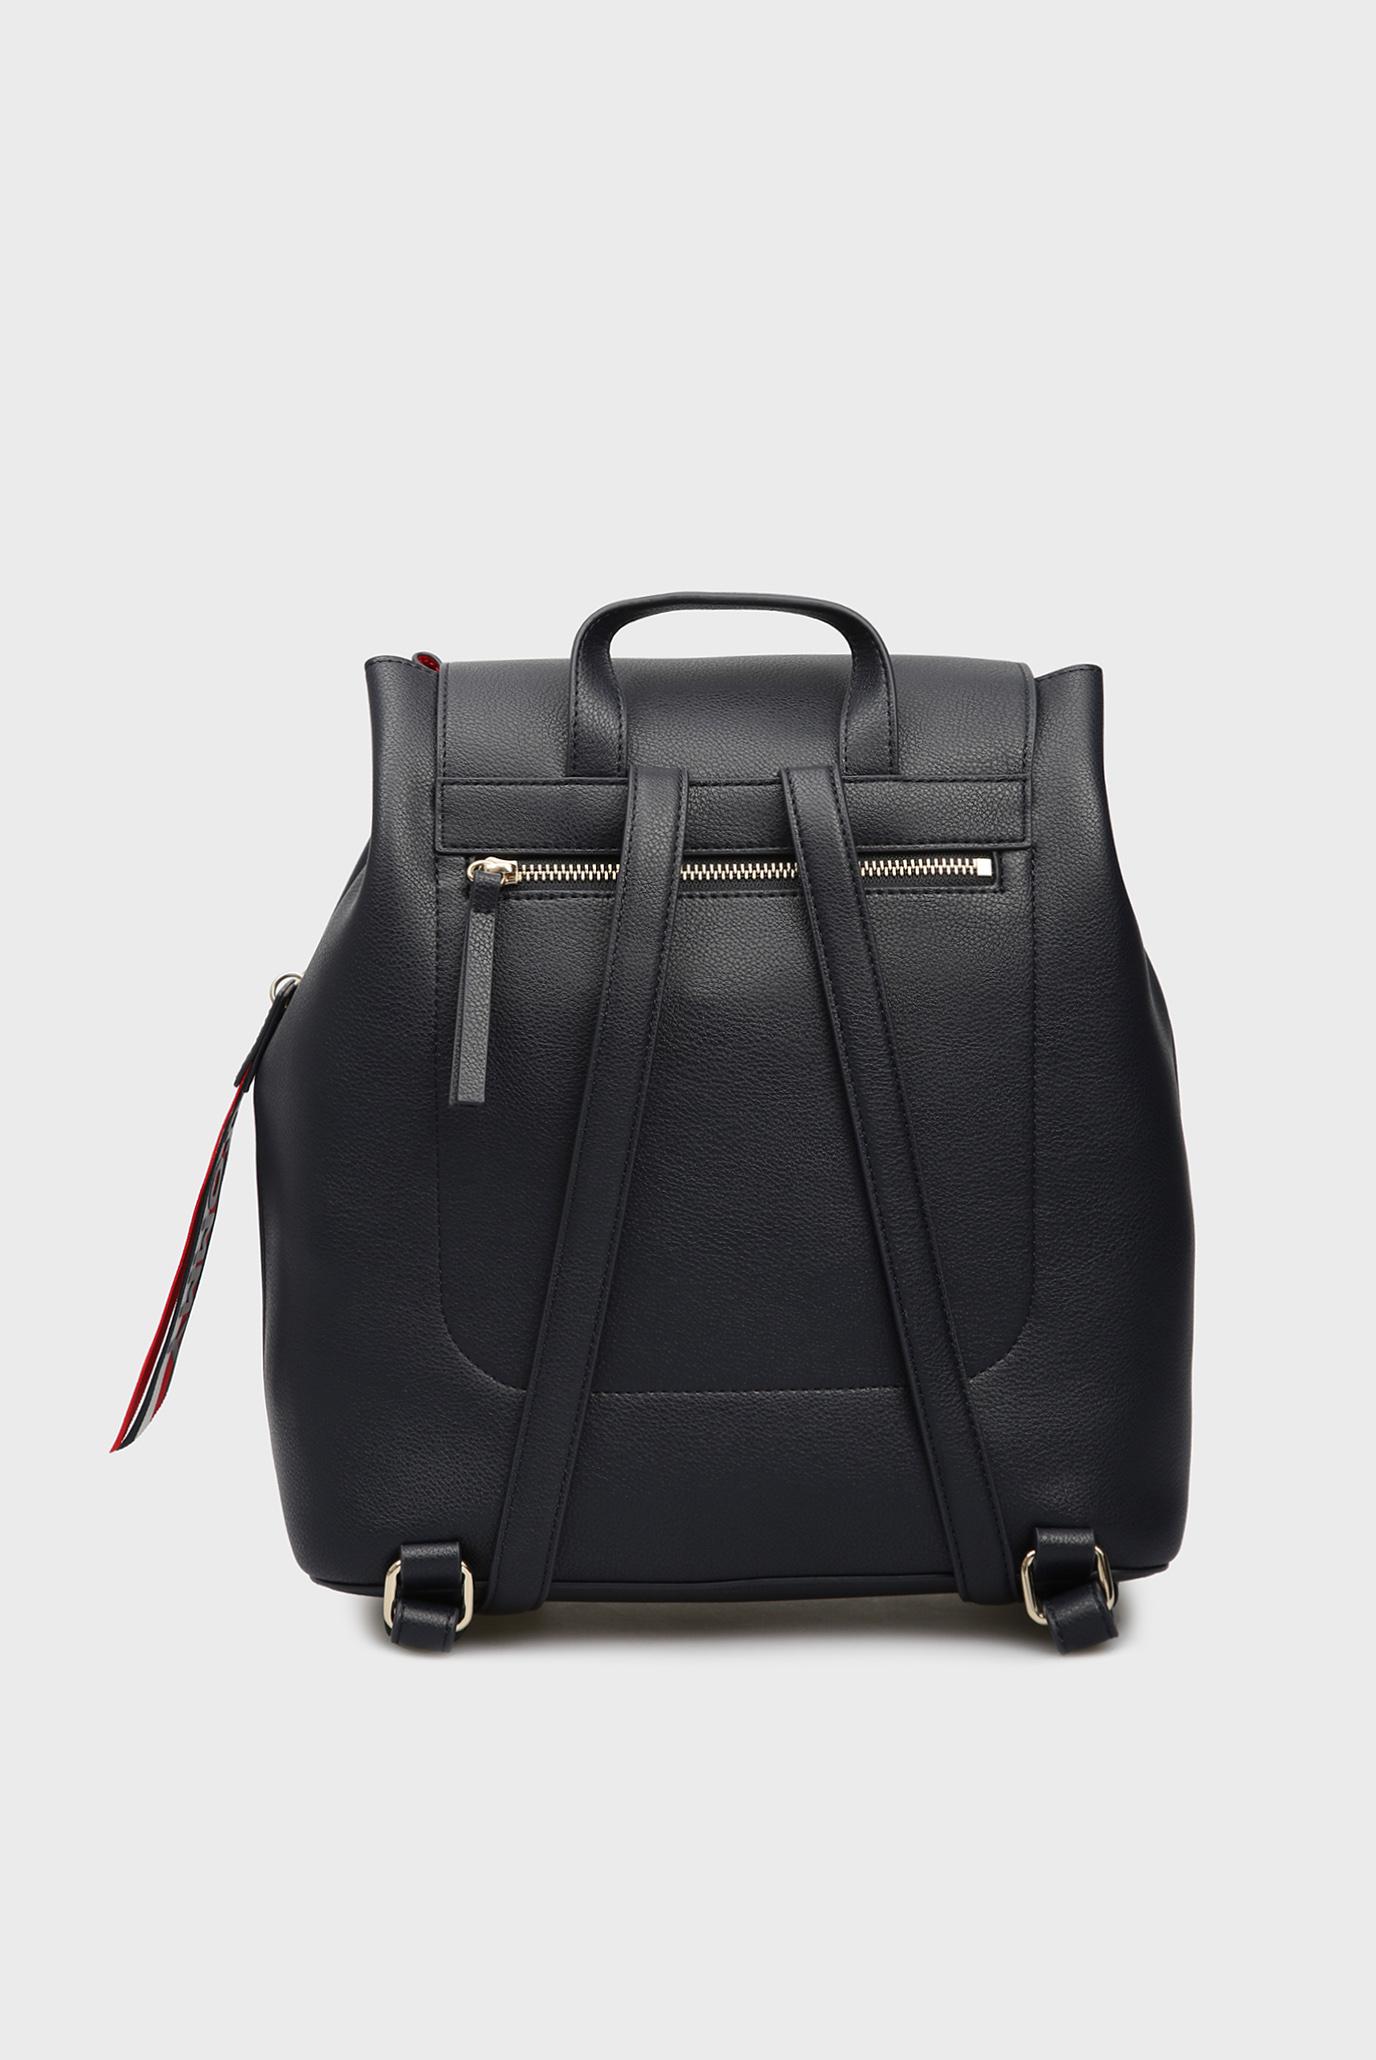 Купить Женский синий рюкзак CHARMING Tommy Hilfiger Tommy Hilfiger AW0AW05791 – Киев, Украина. Цены в интернет магазине MD Fashion